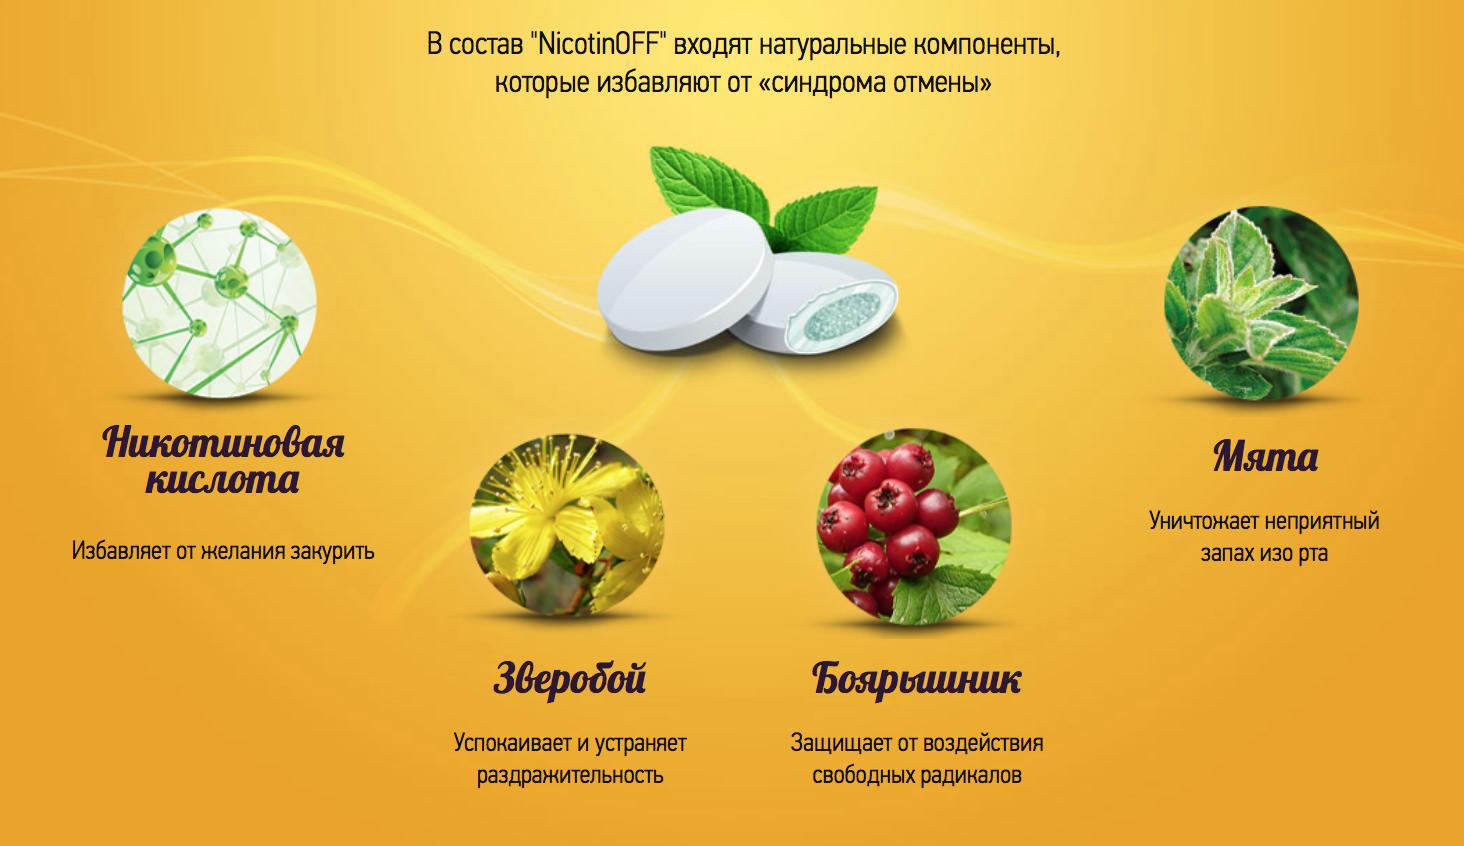 Состав жевательной резинки NicotinOFF (никотиноф)